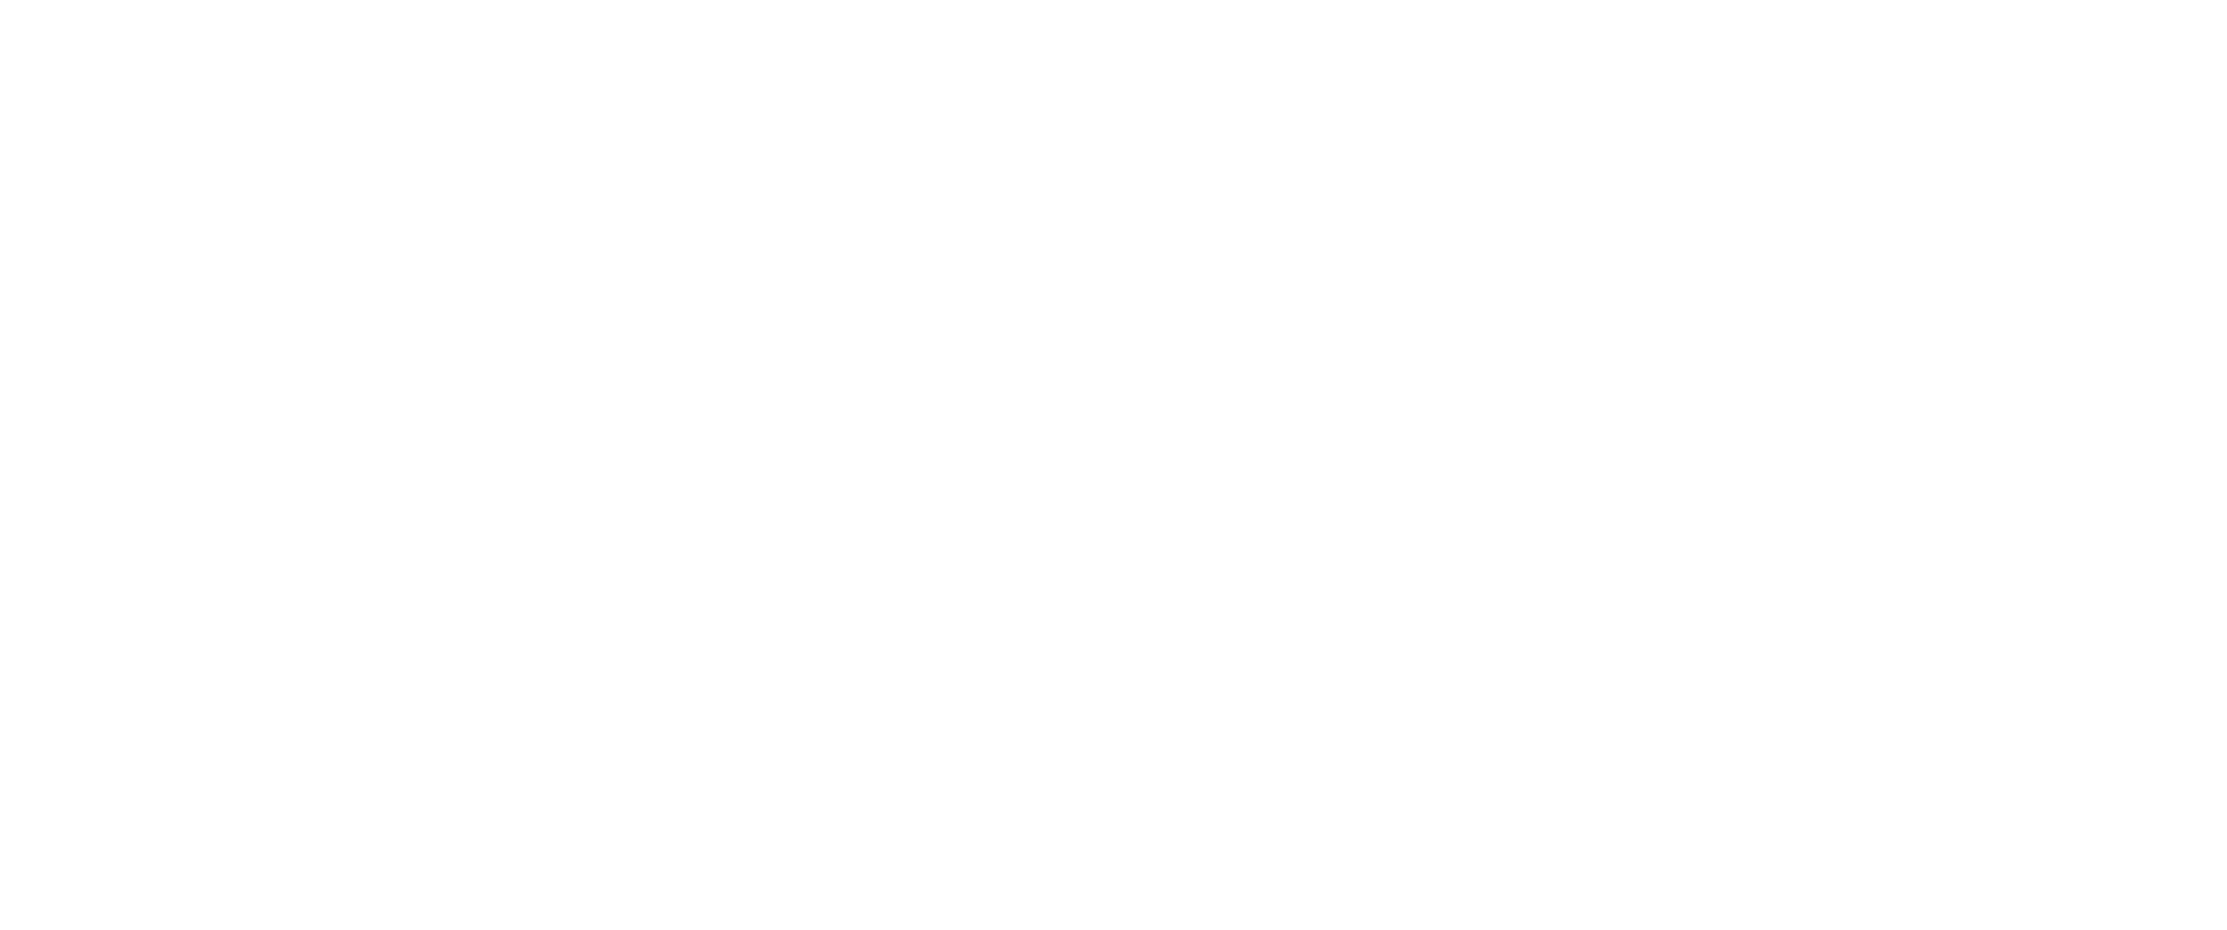 R_Logo_bianco_trasparente.png